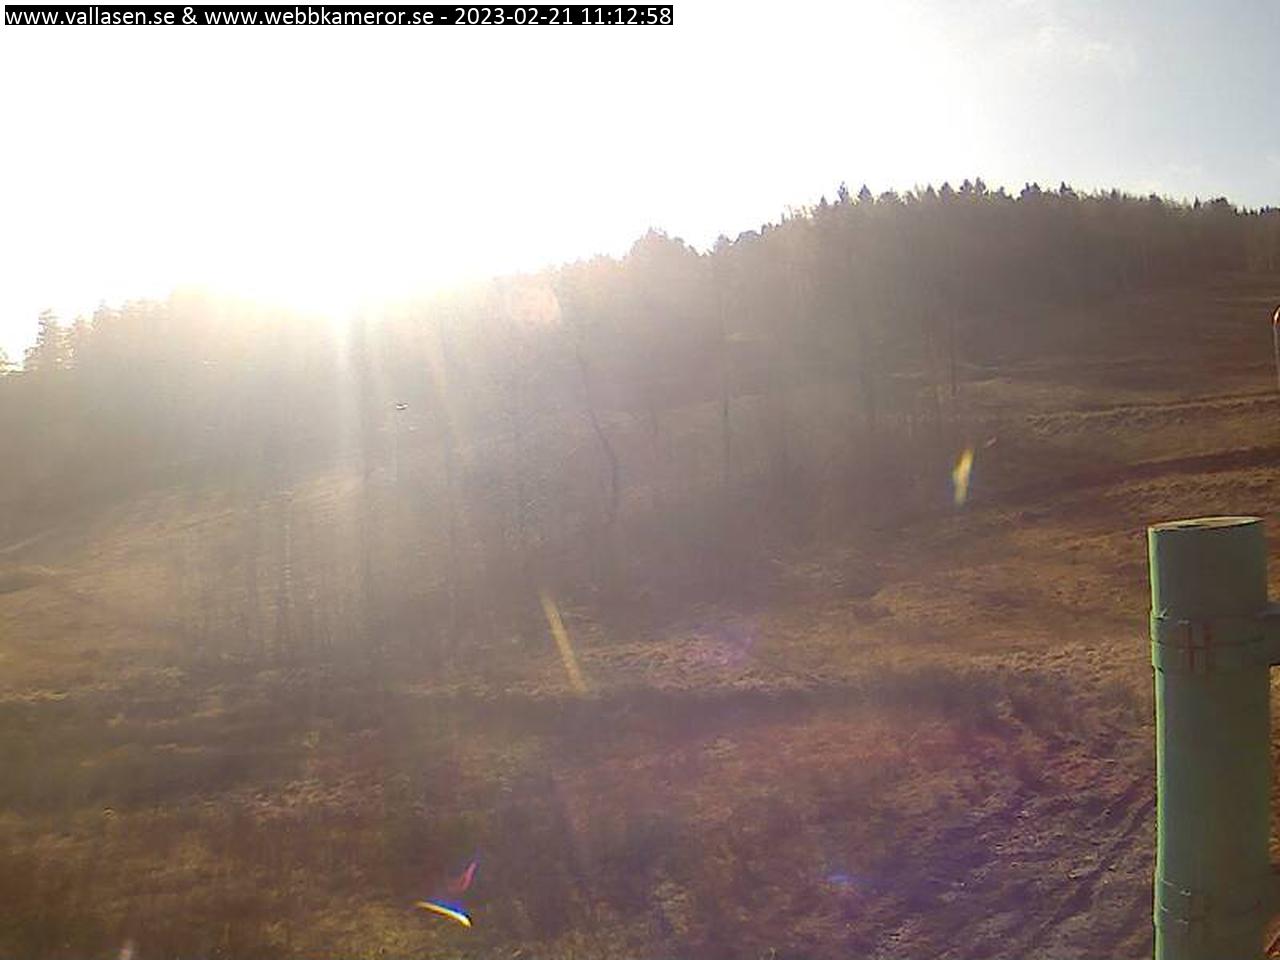 Webcam Våxtorp, Laholm, Halland, Schweden